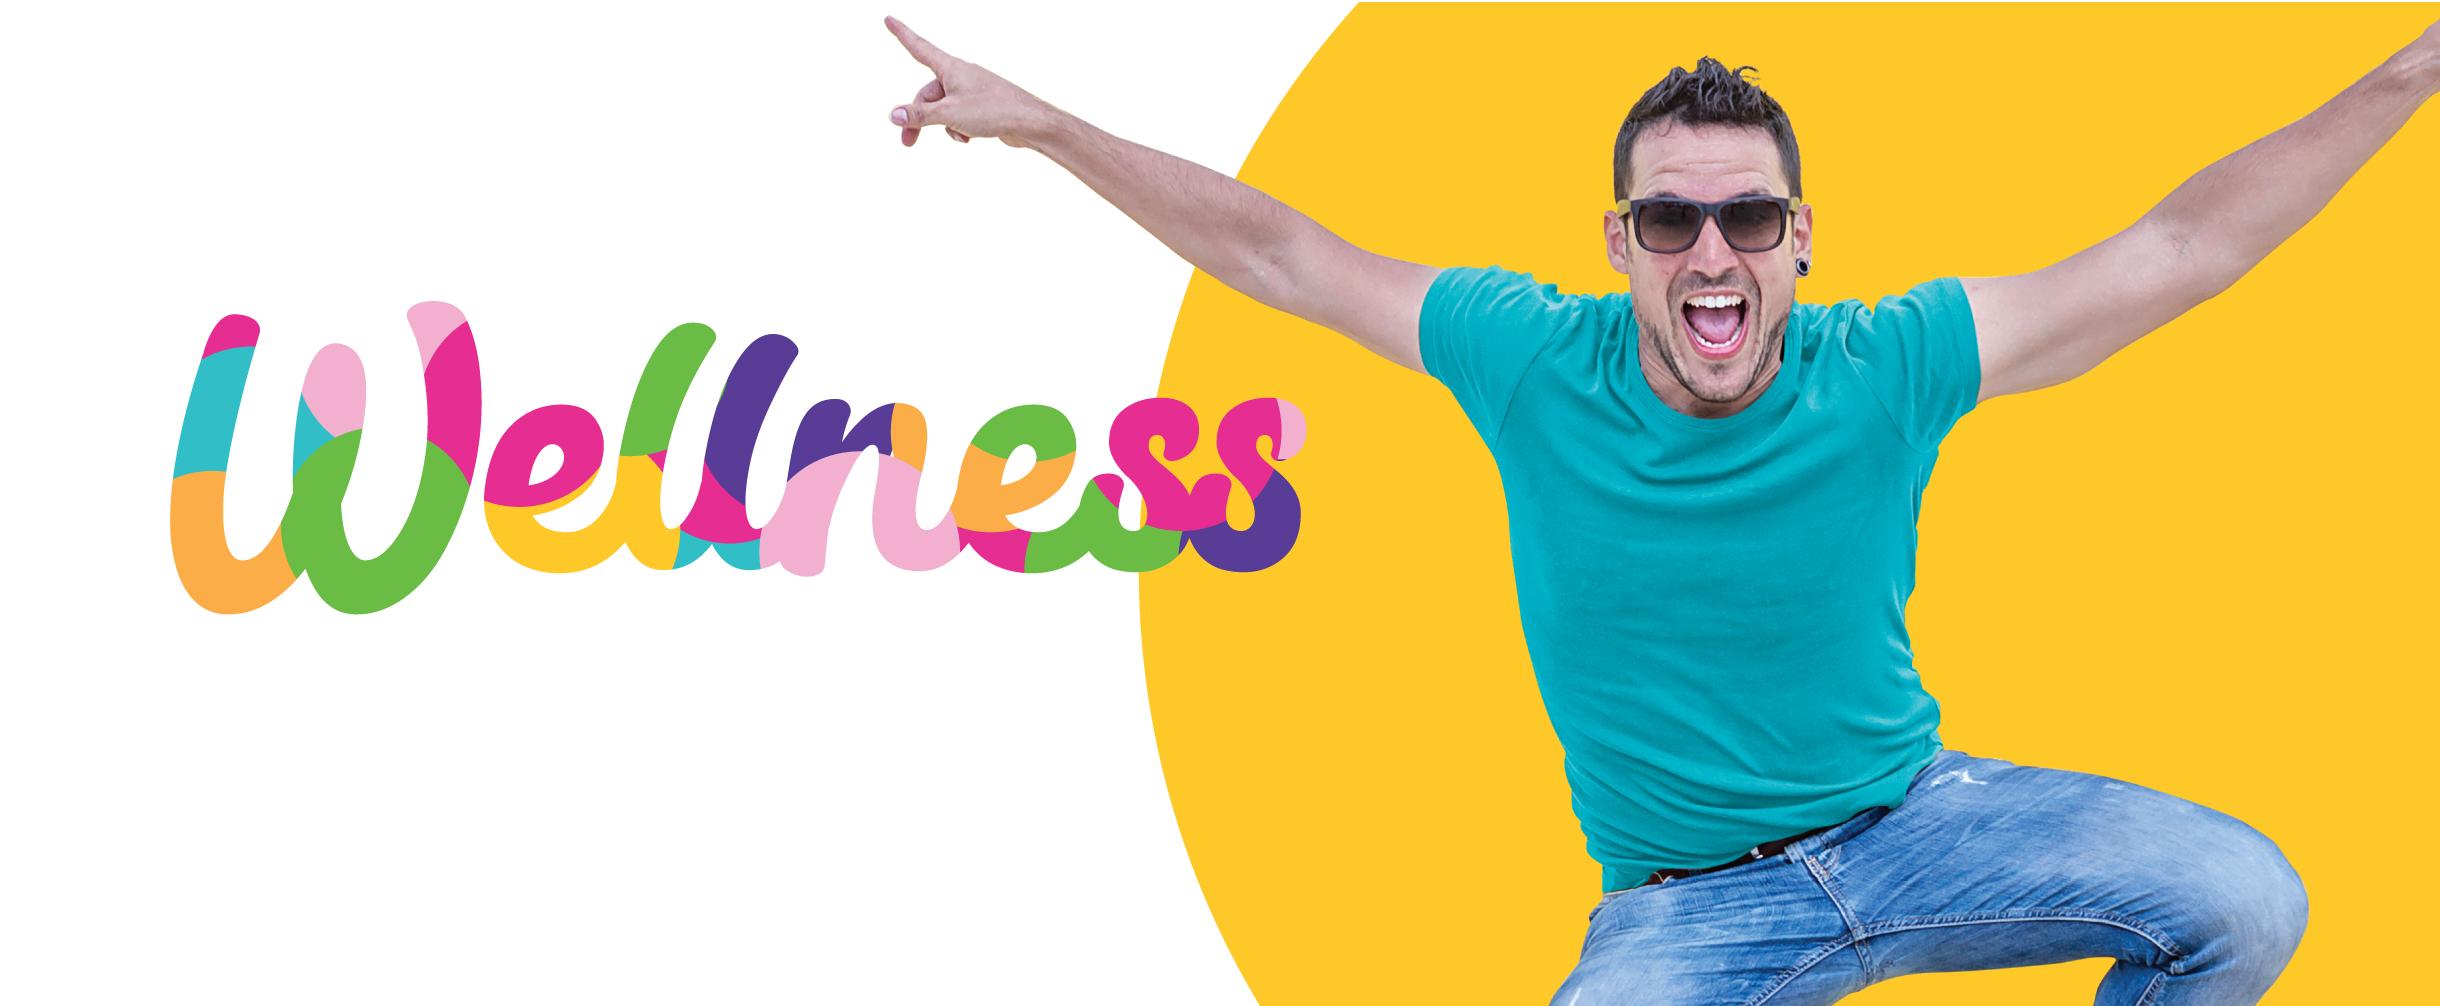 corporate wellness brand design